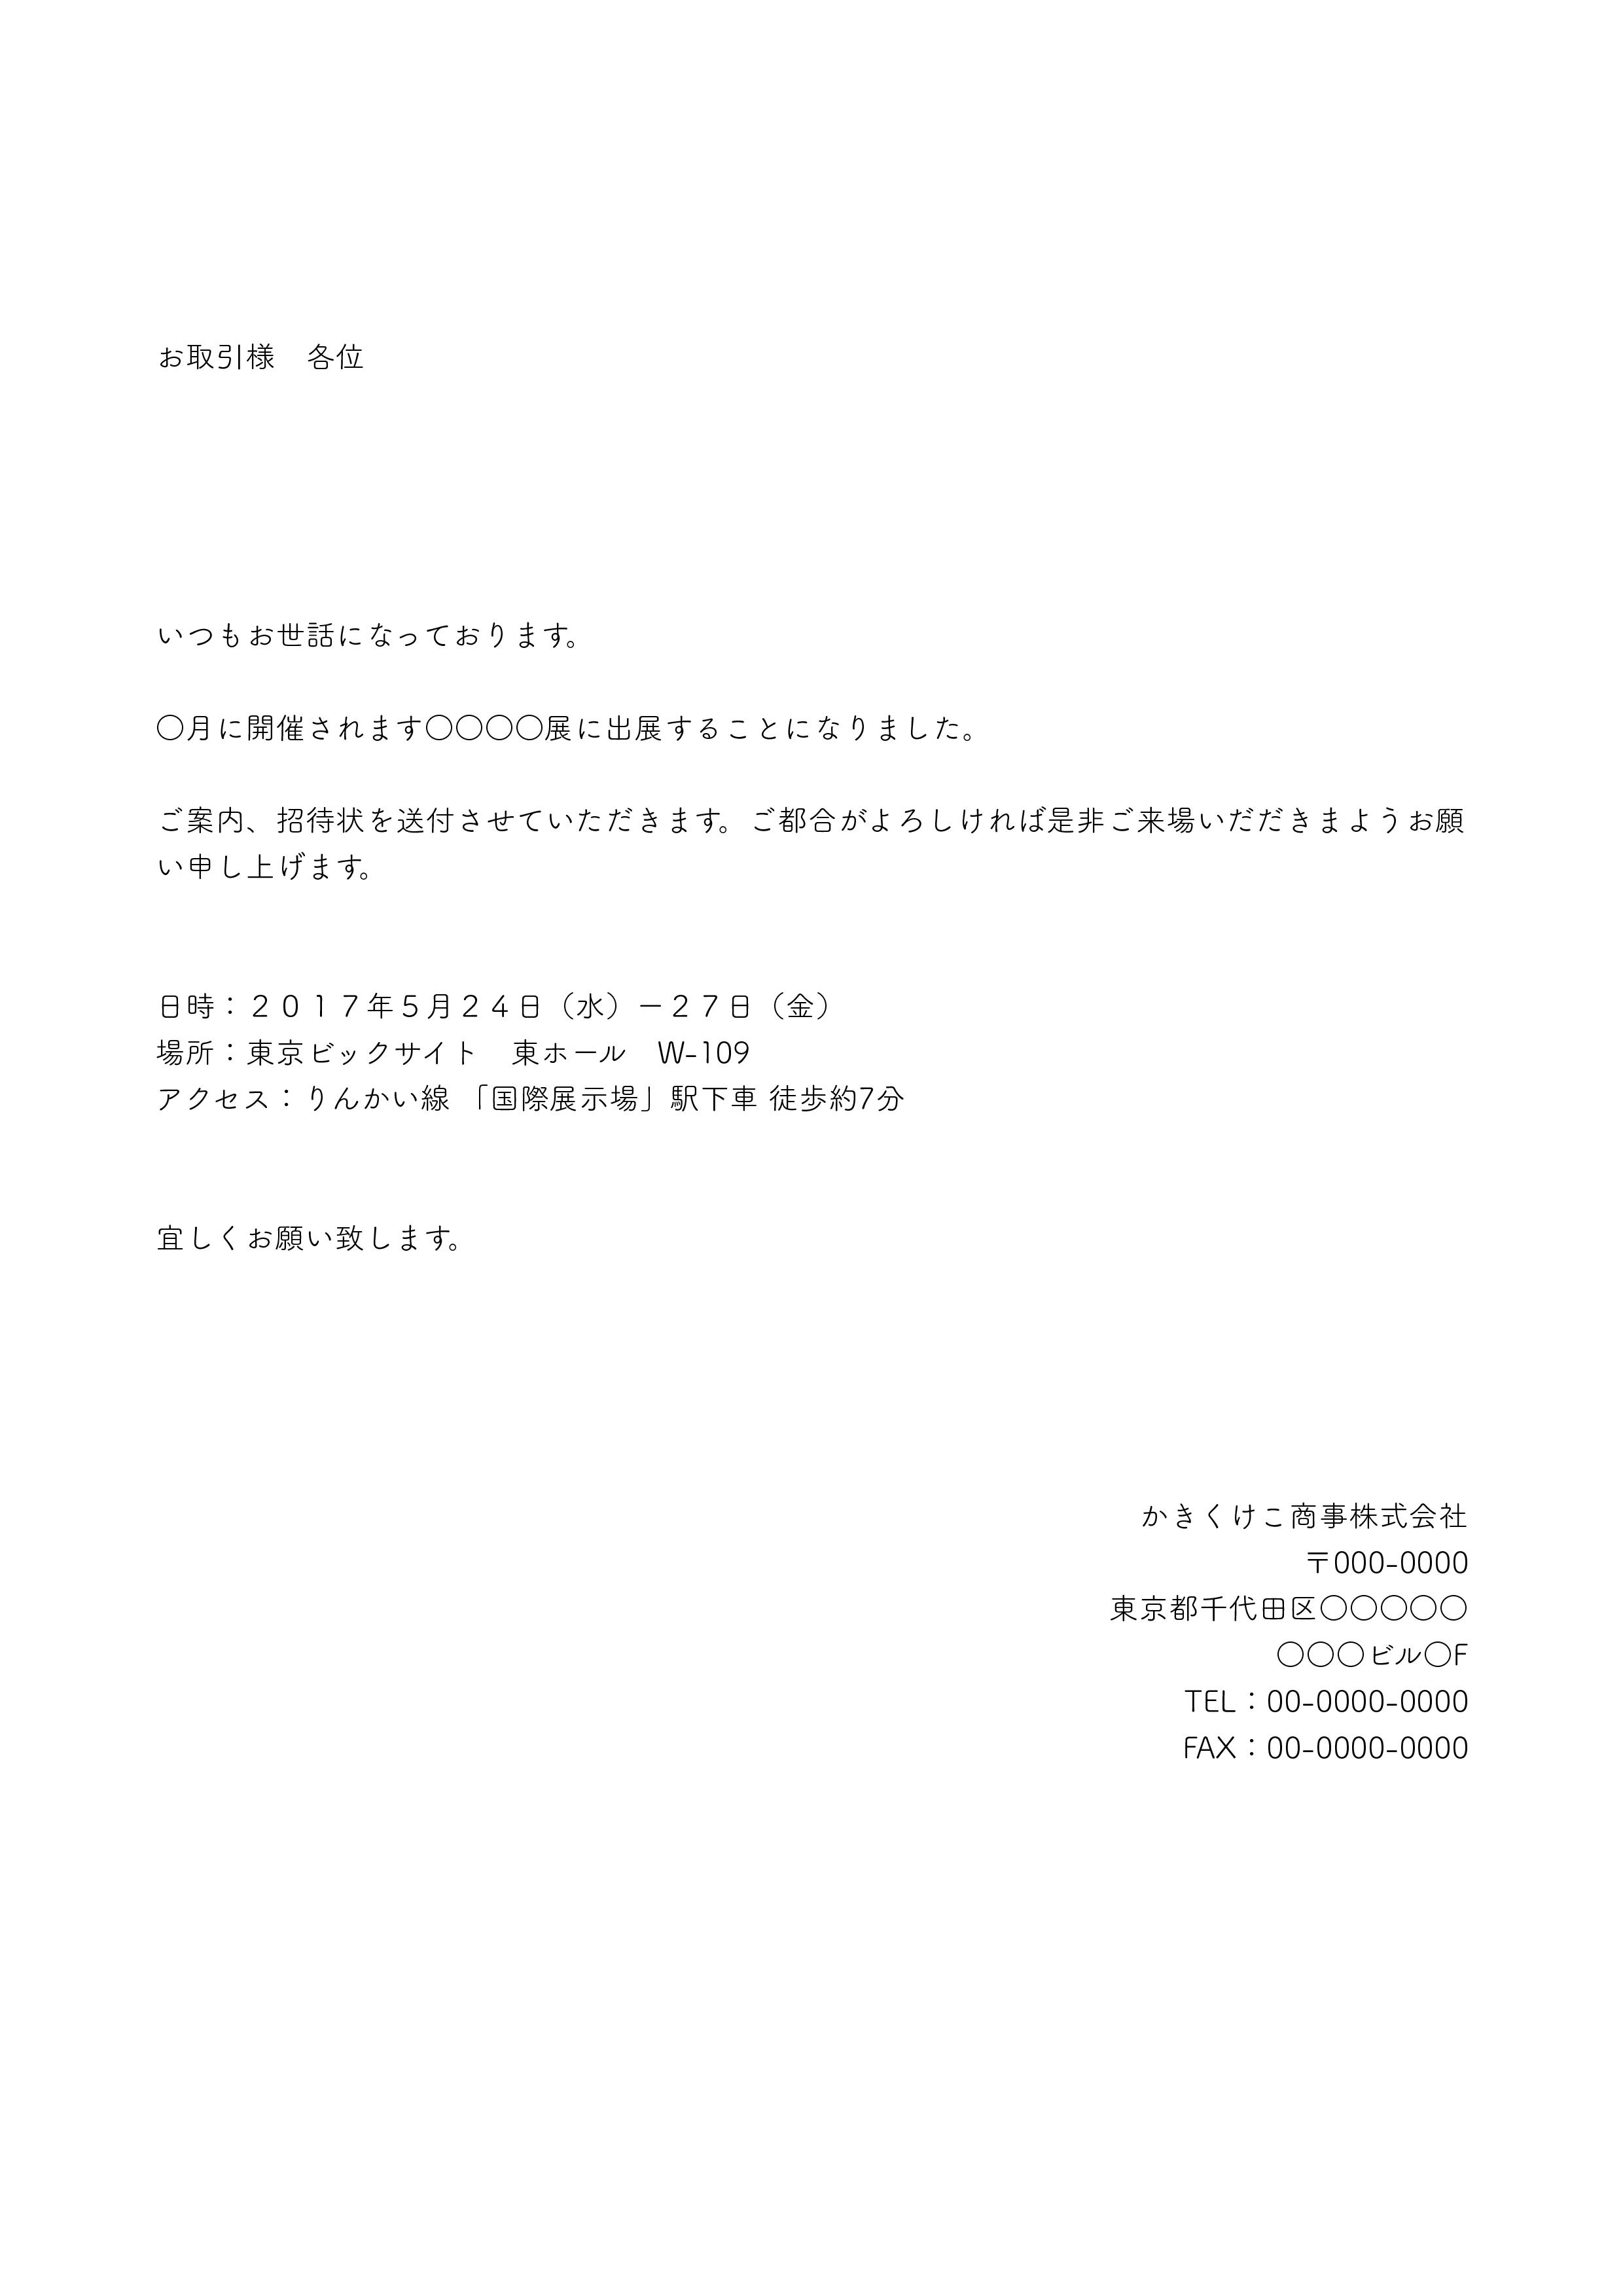 展示会の招待状【取引先用 】カジュアルスタイル テンプレート A4(ワード、ページズ)